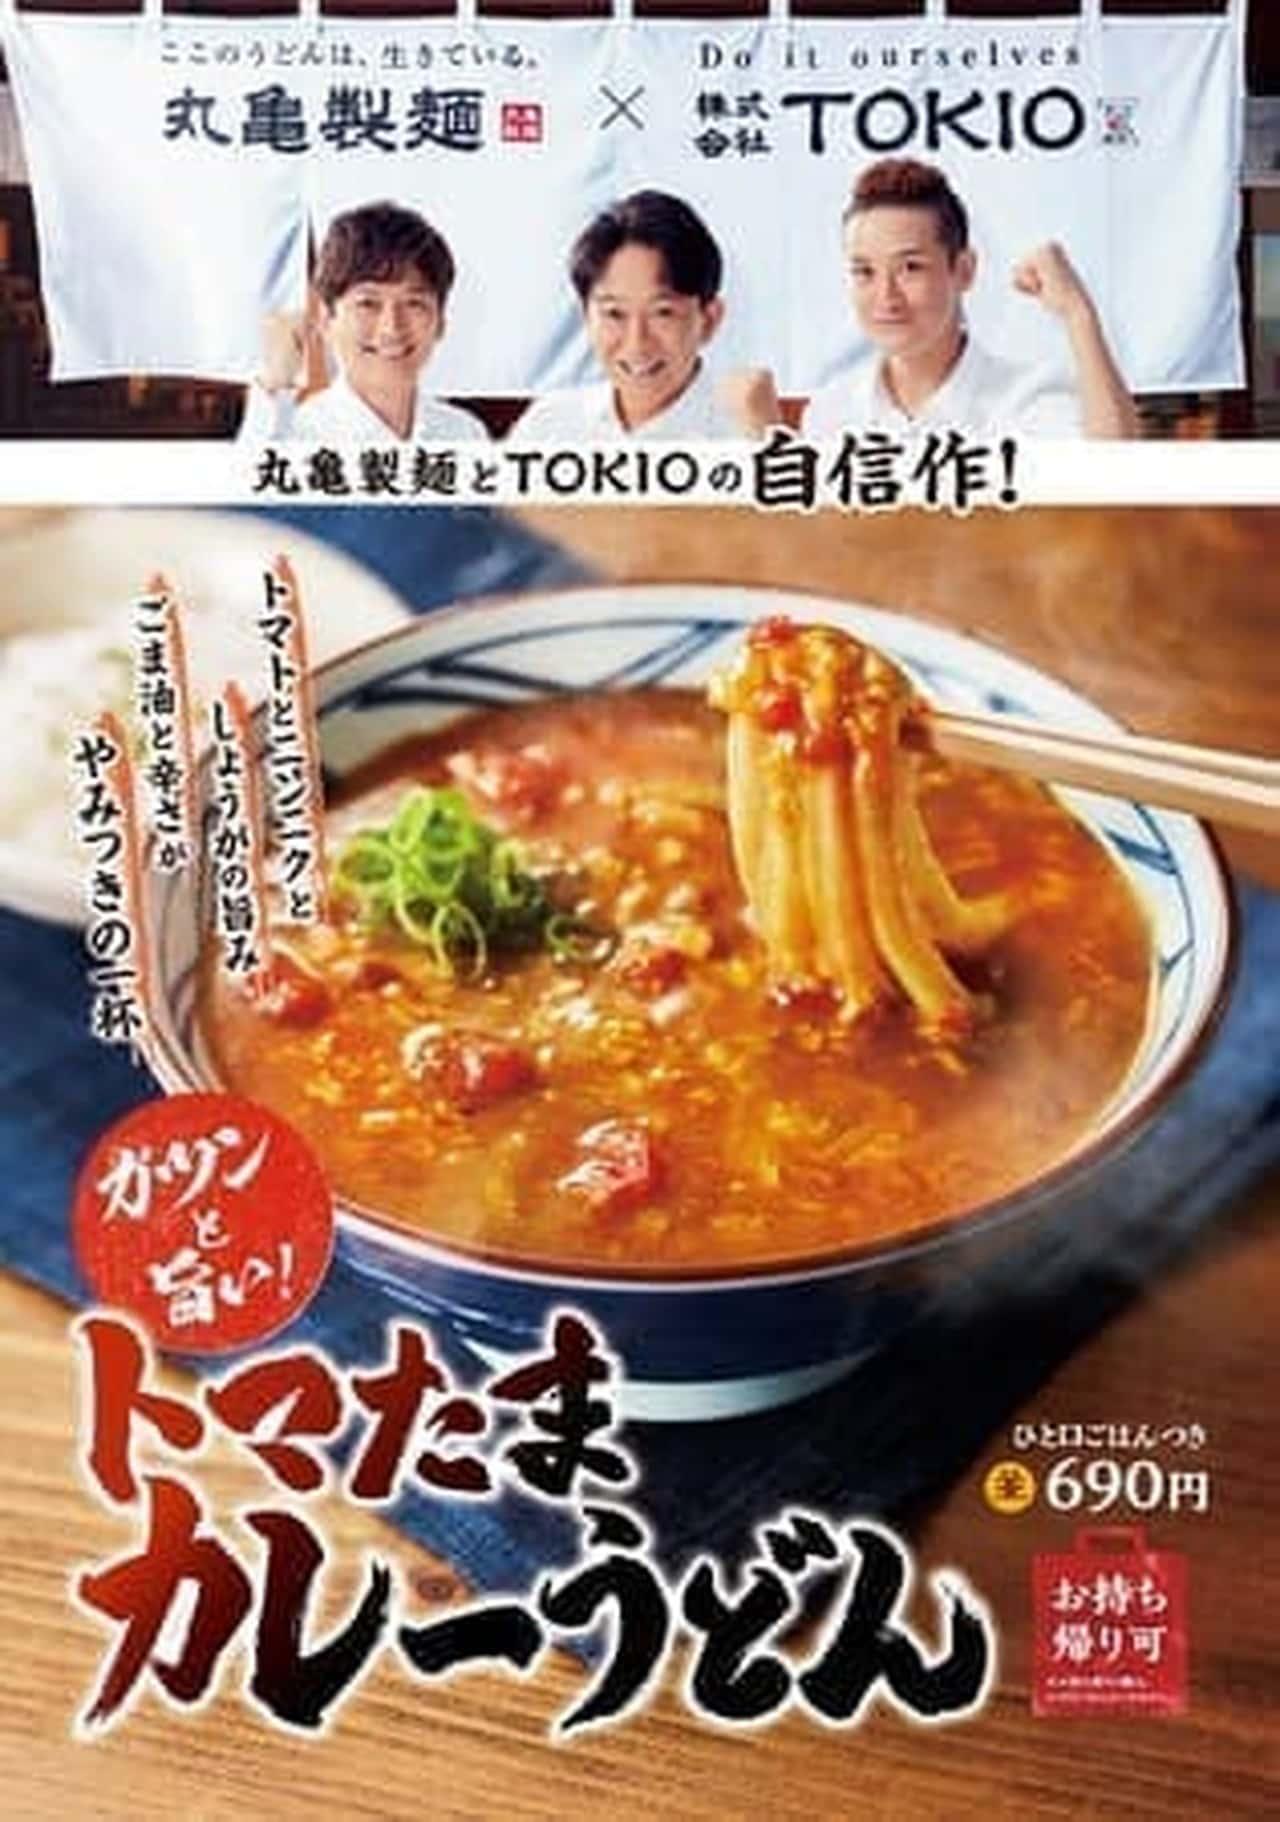 丸亀製麺「トマたまカレーうどん」「豚肉のせトマたまカレーうどん」TOKIO・松岡昌宏さんと共同開発